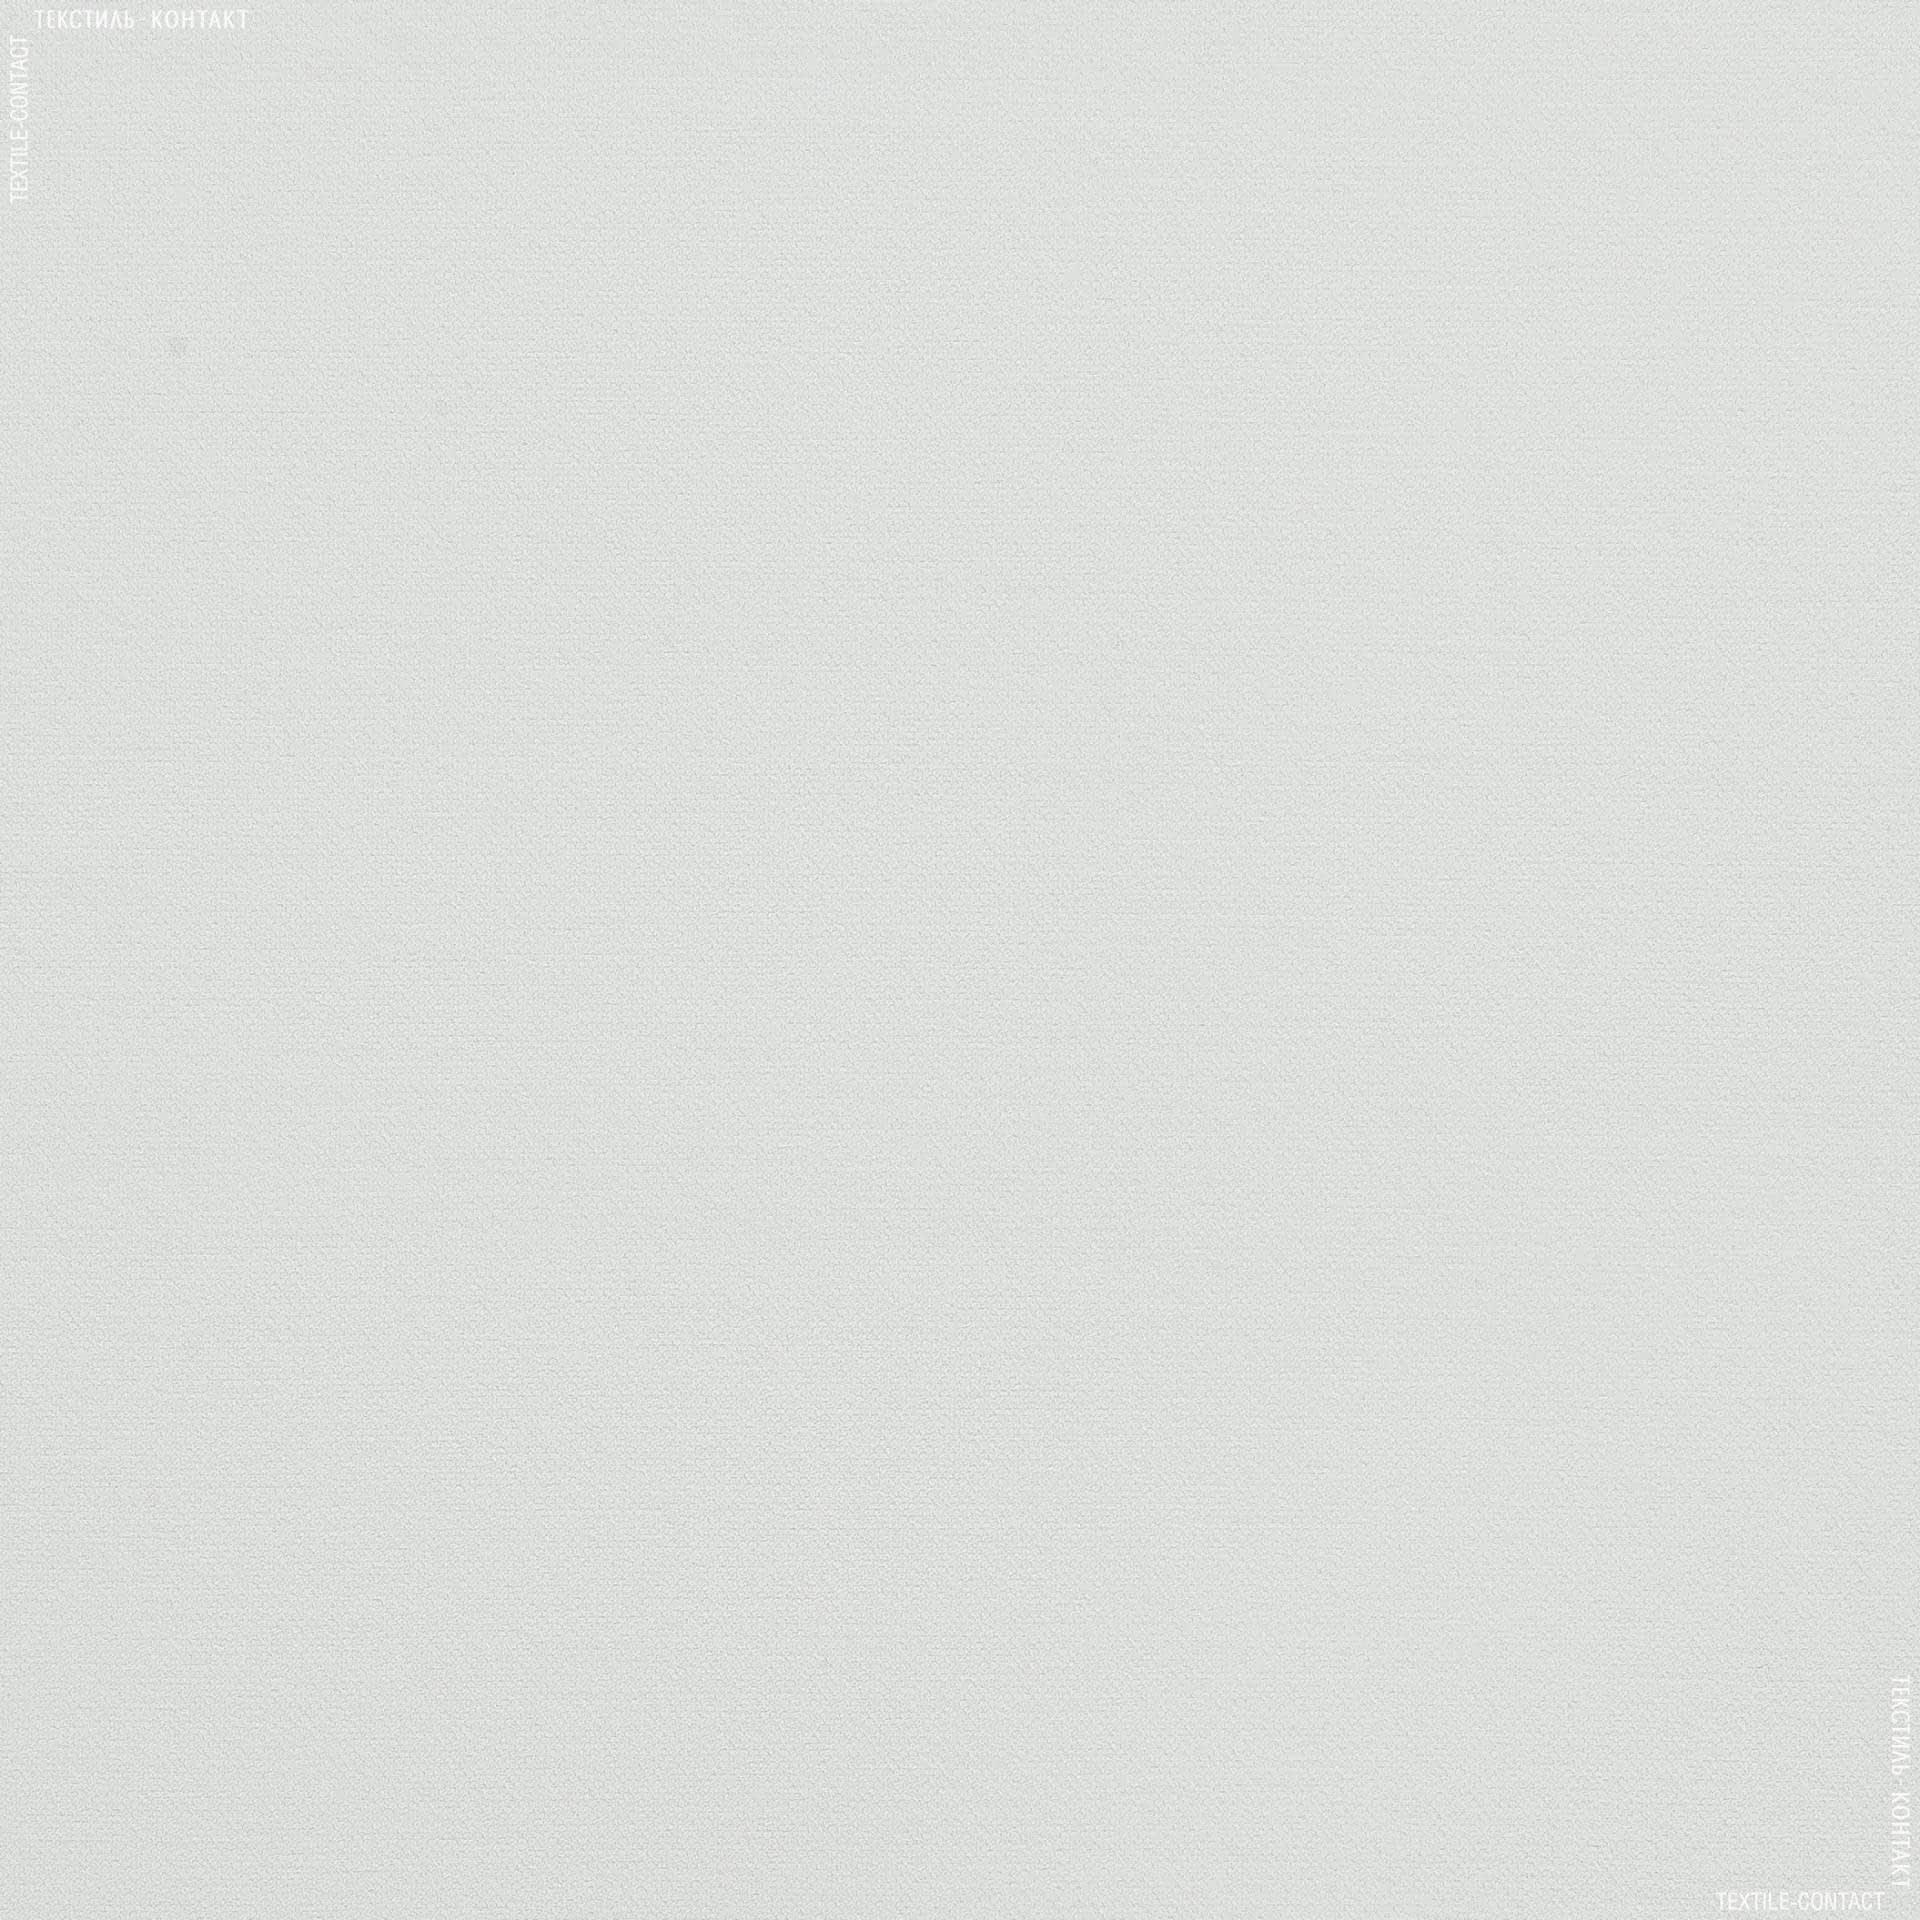 Ткани для верхней одежды - Пальтовый кашемир софт диана белый